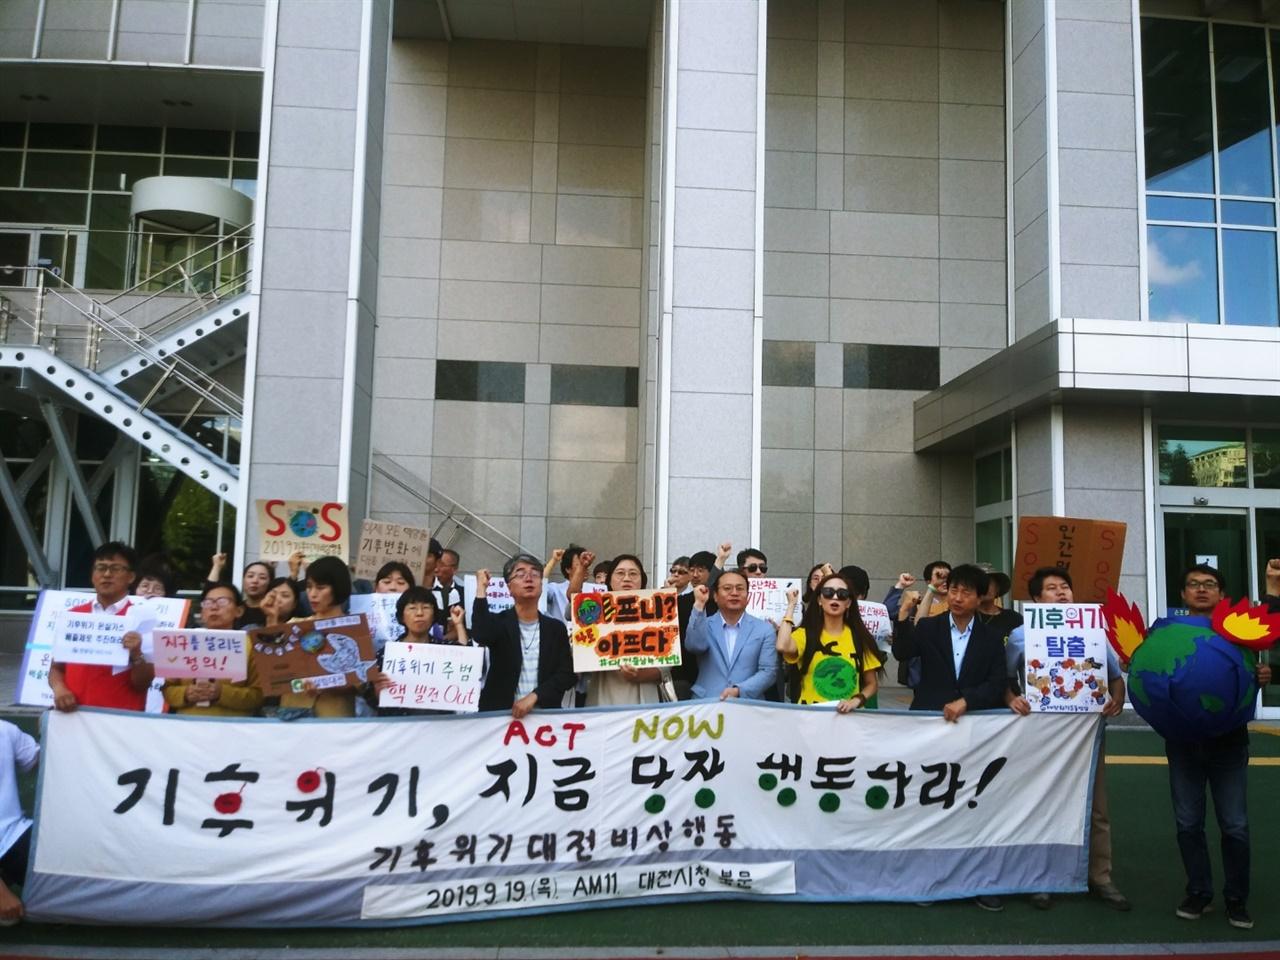 기후위기, 지금 당장 행동해야 기후위기대전시민행동 참가자들이 대전시 기후위기 비상선언을 촉구하고 있다.